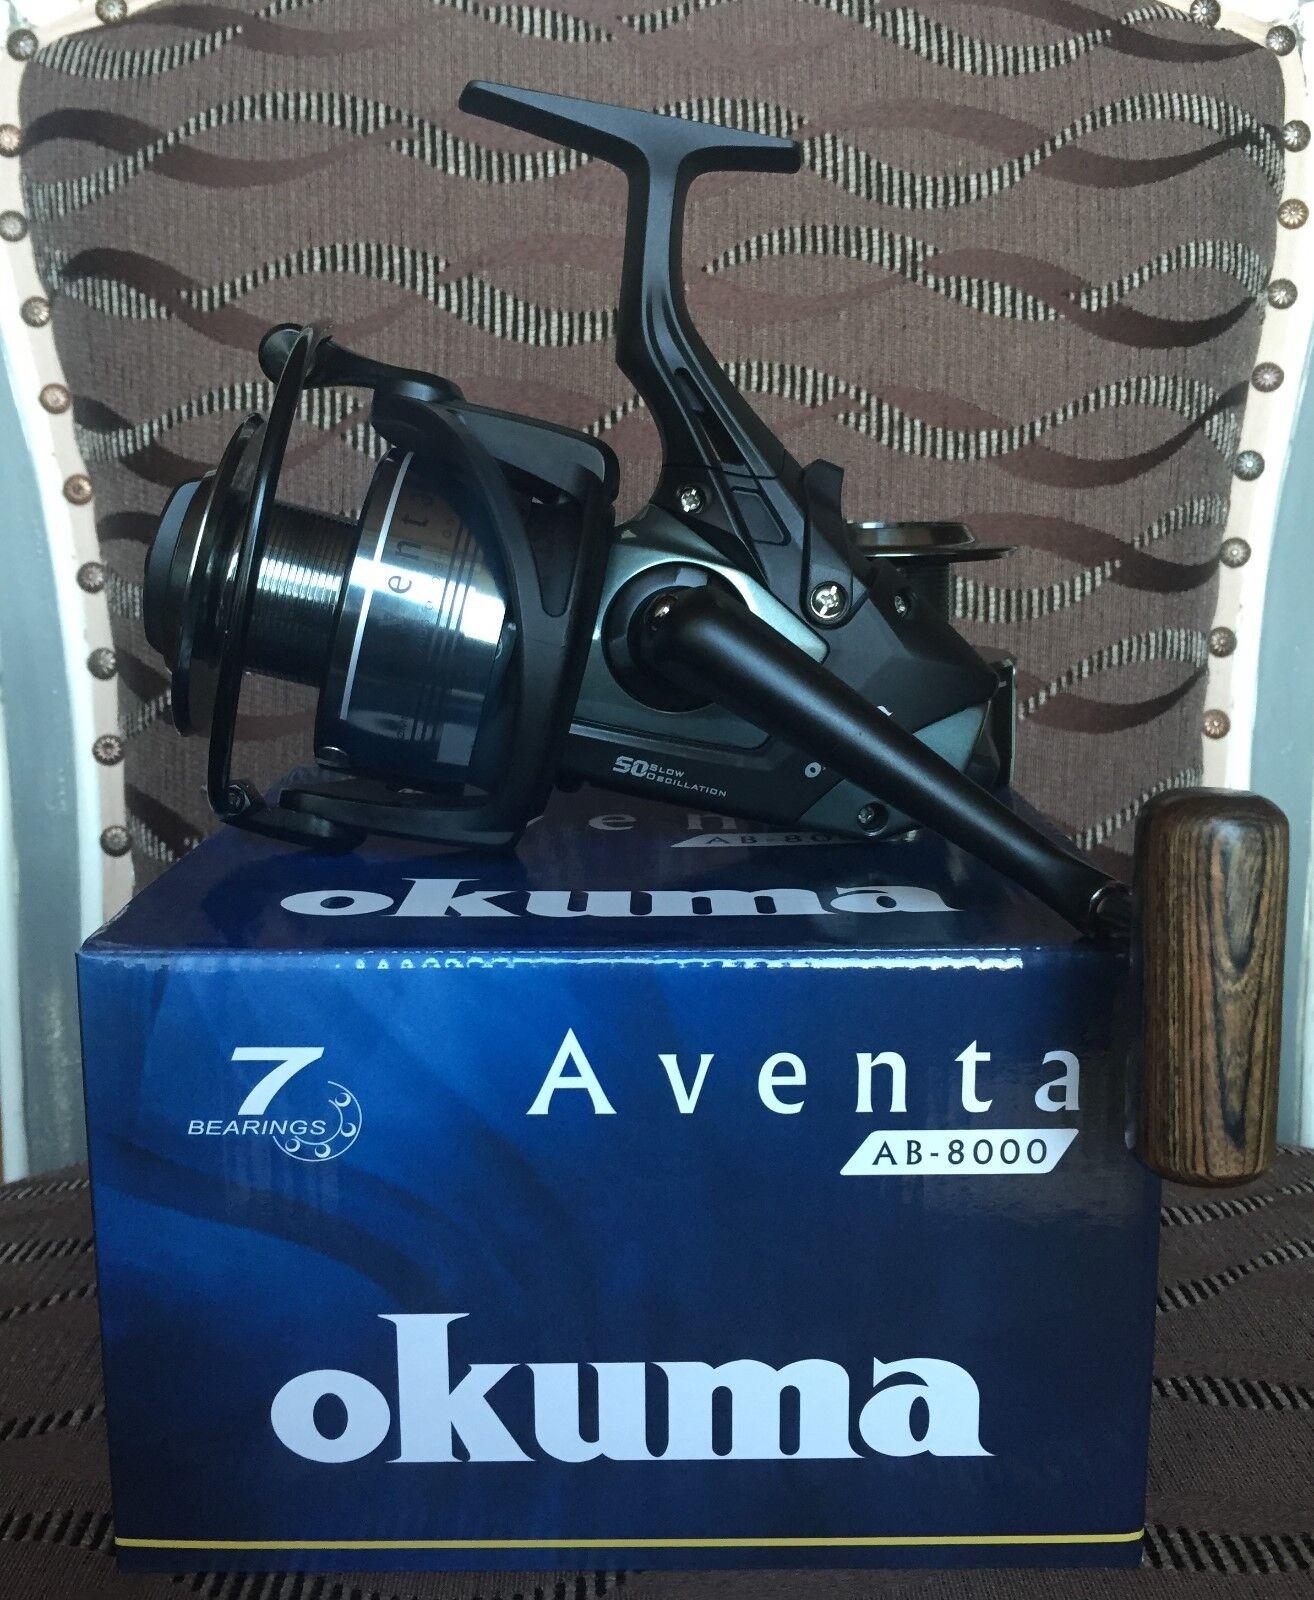 Okuma Aventa Baitfeeder AB-8000  Karpfenrolle  fast shipping to you